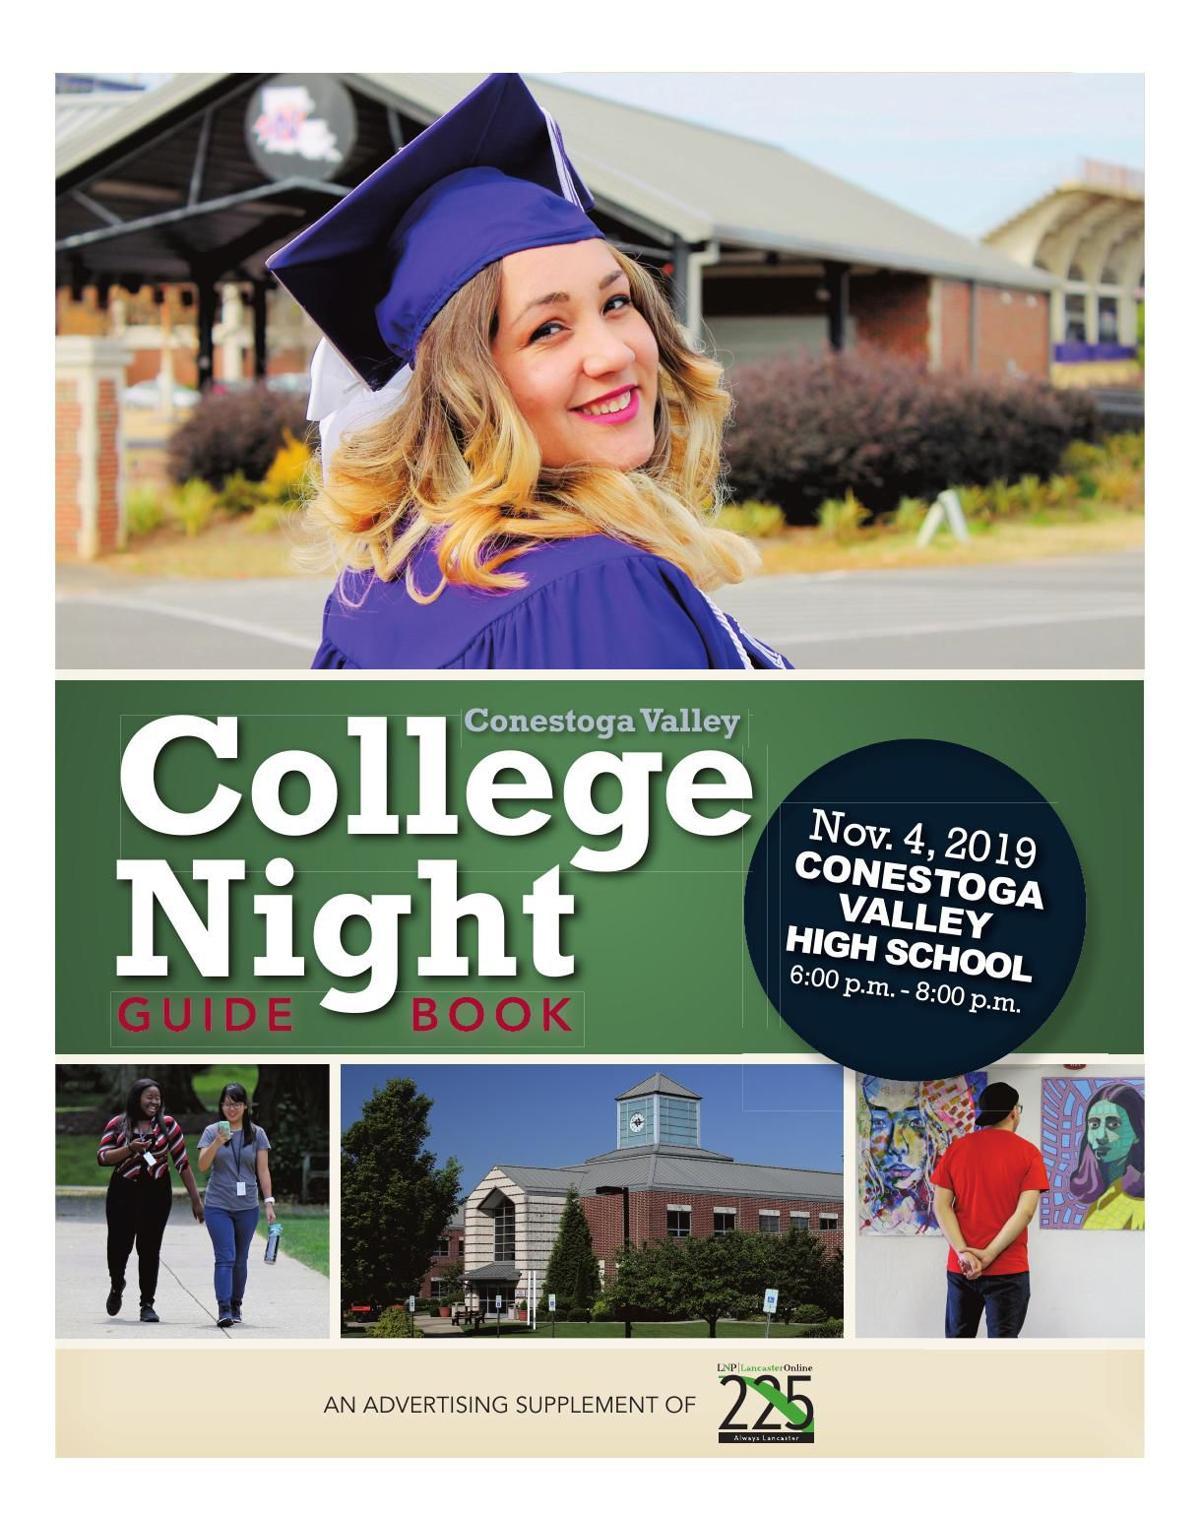 Conestoga Valley College Night Guide Book 2019